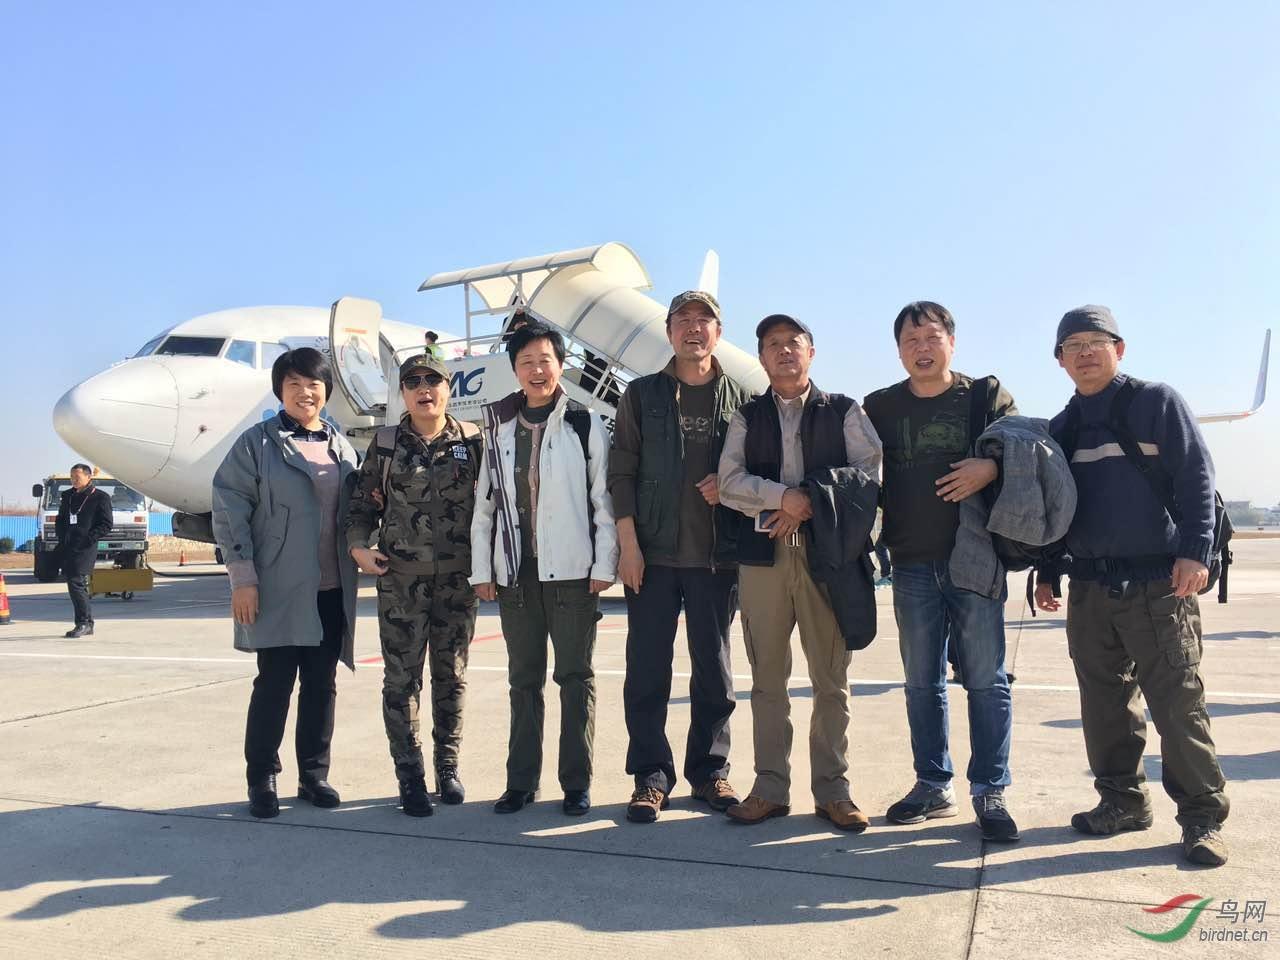 左起:逮啥拍啥、关注宝儿、天堂鸟、文科、杨丹、红蓝铅笔、温哥华雪鸮同杨抵达保山机场.JPG